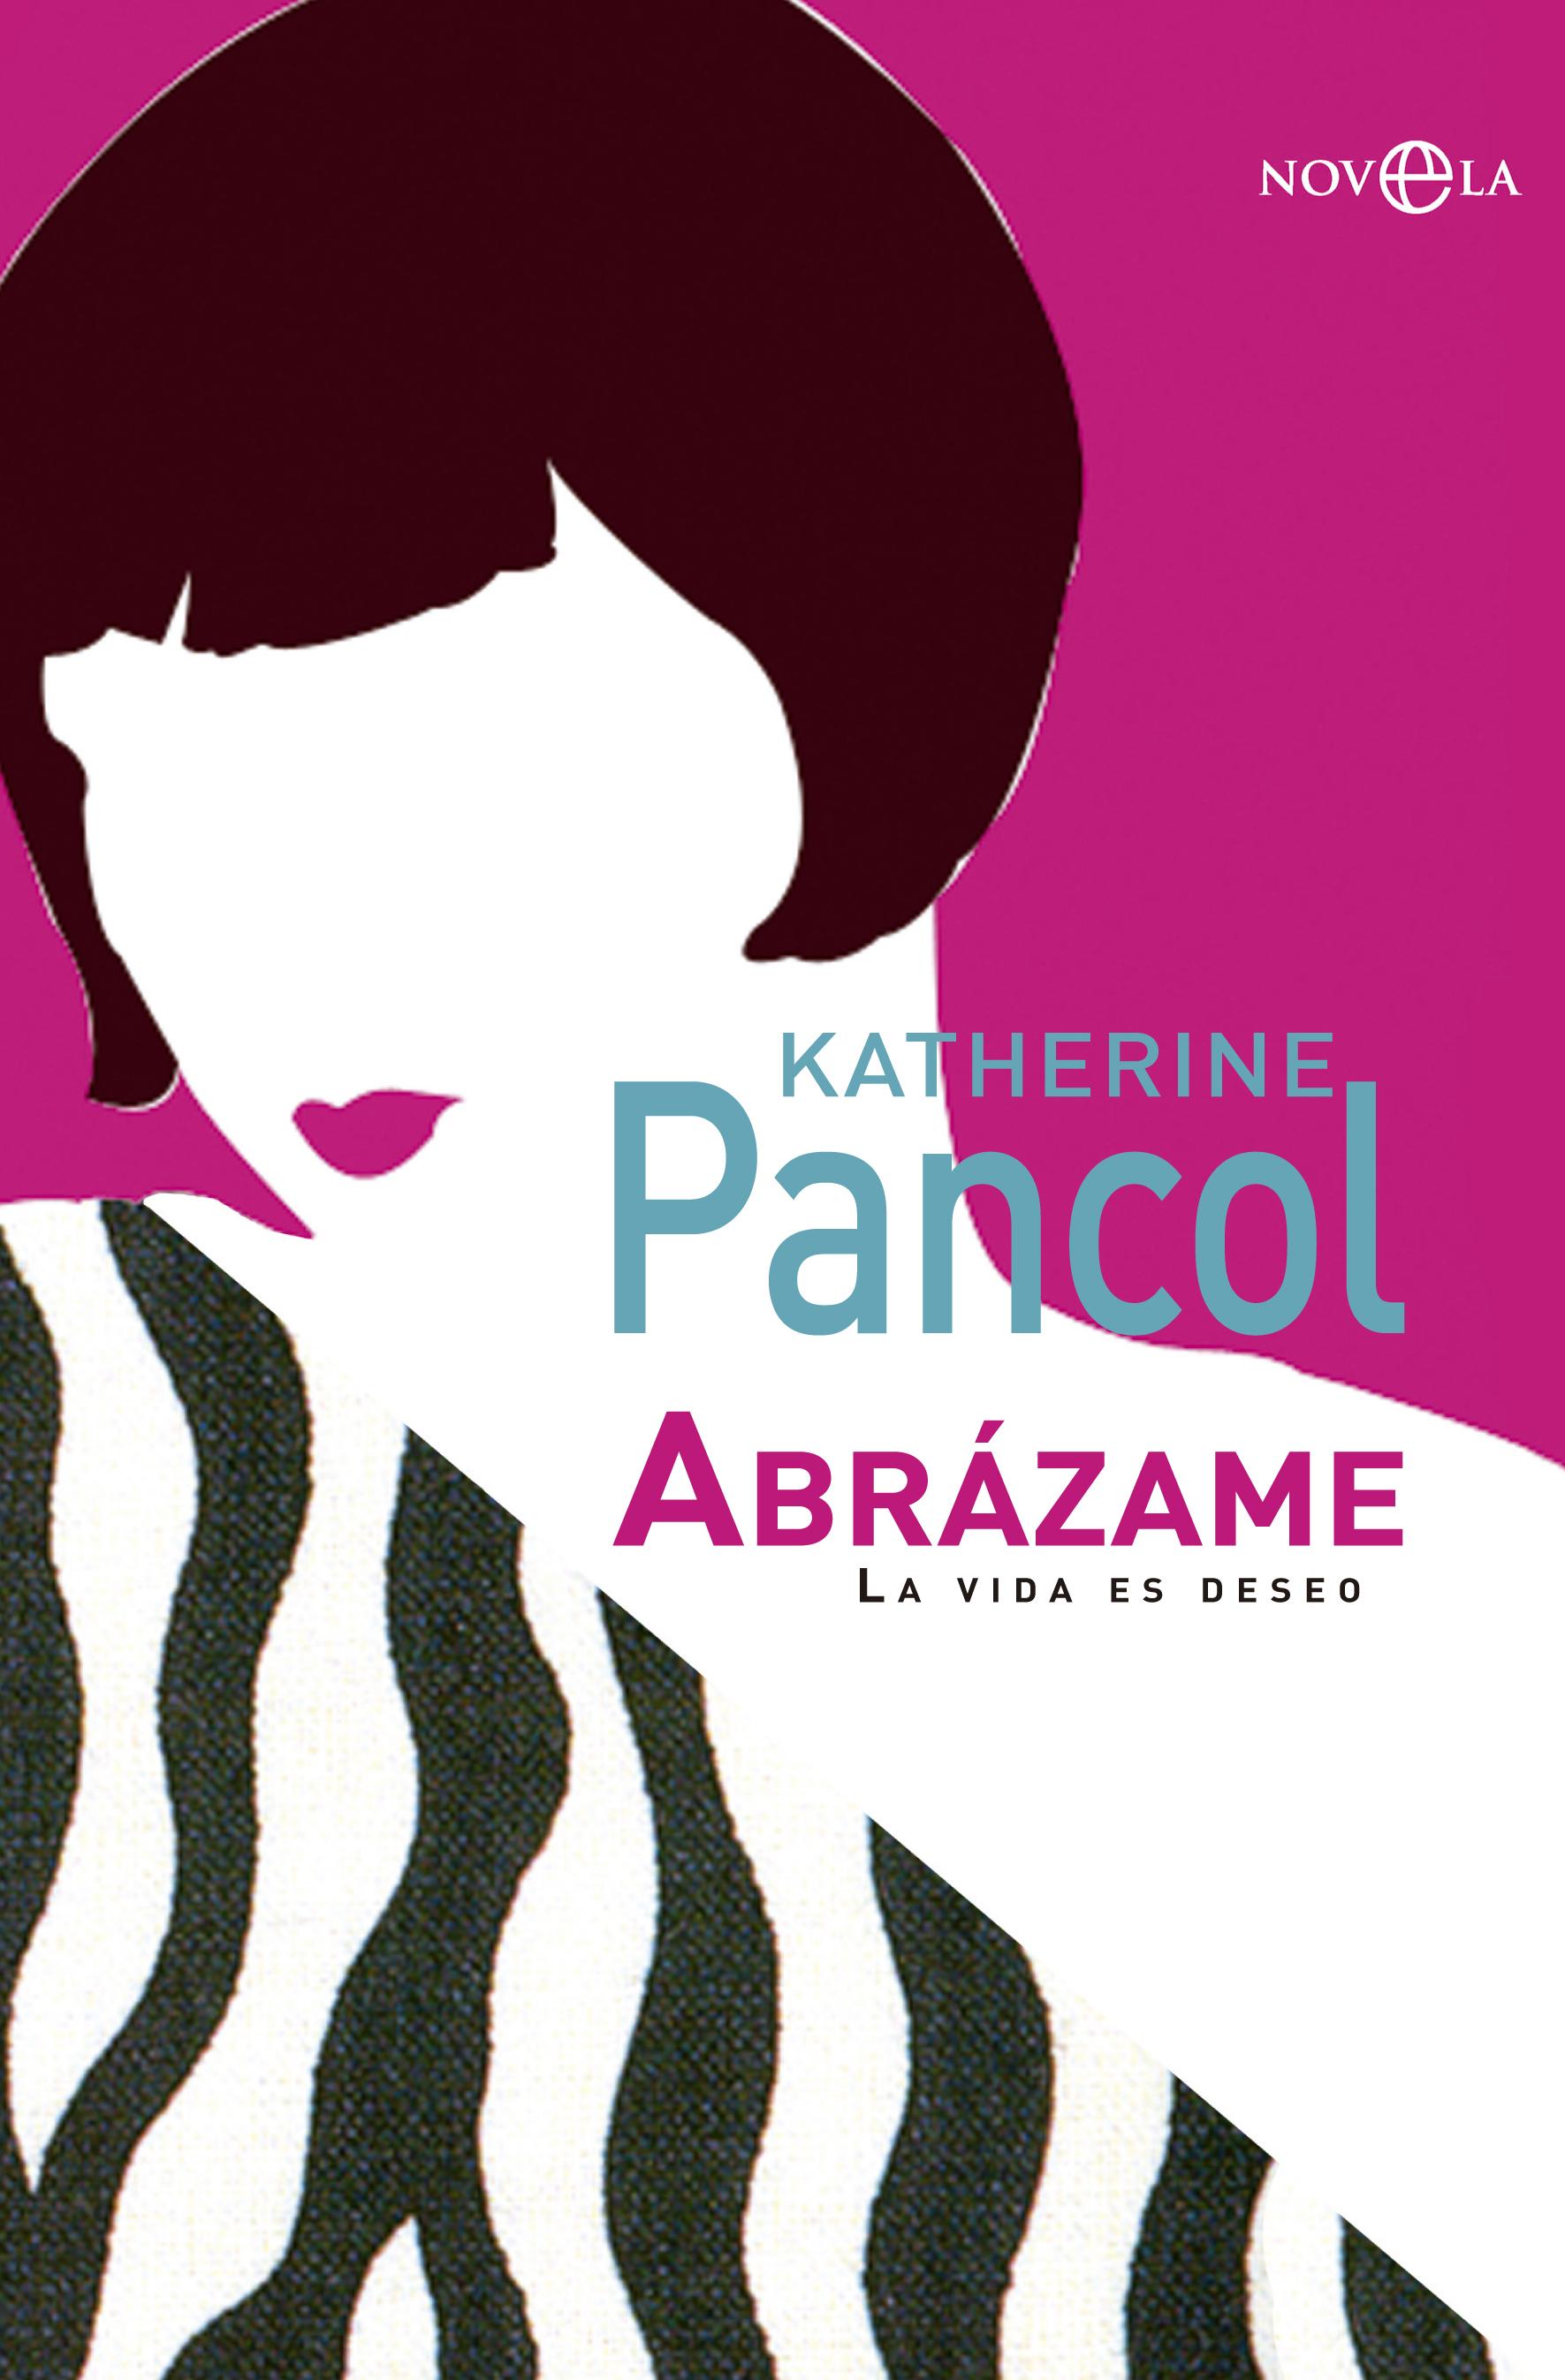 Abrázame - Katherine Pancol Portada